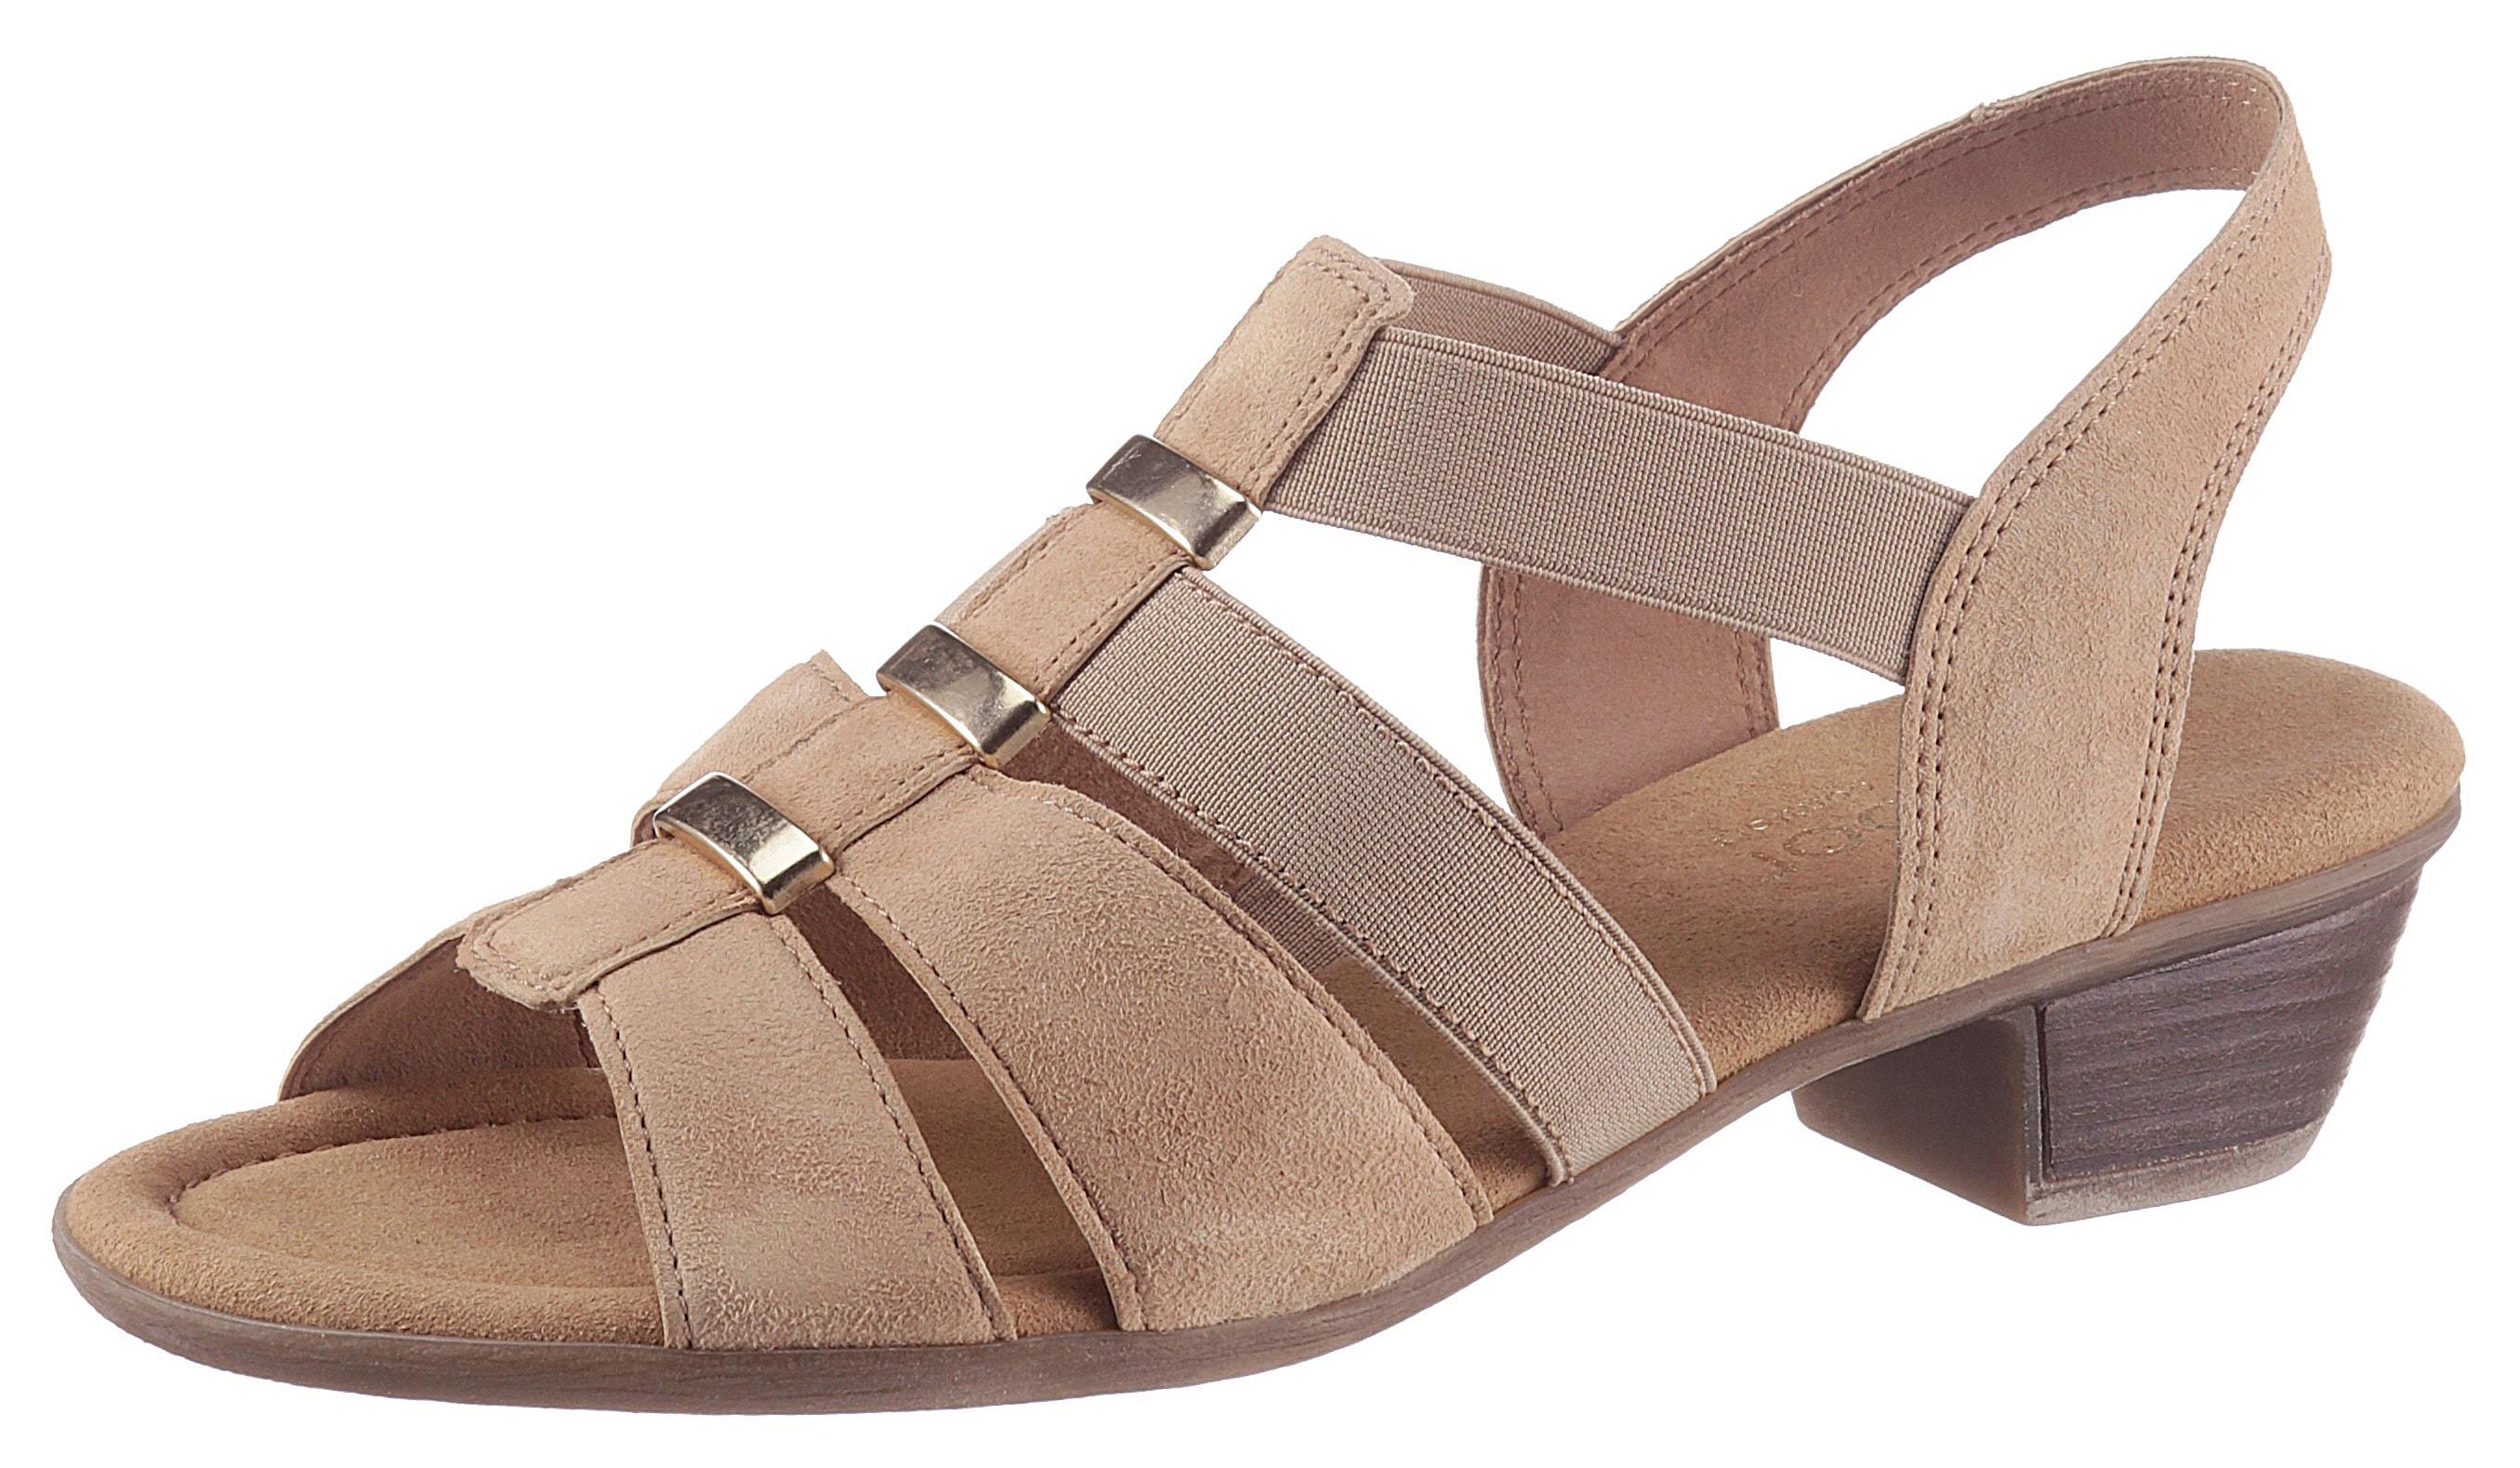 gabor -  Sandalette, mit Stretcheinsätzen